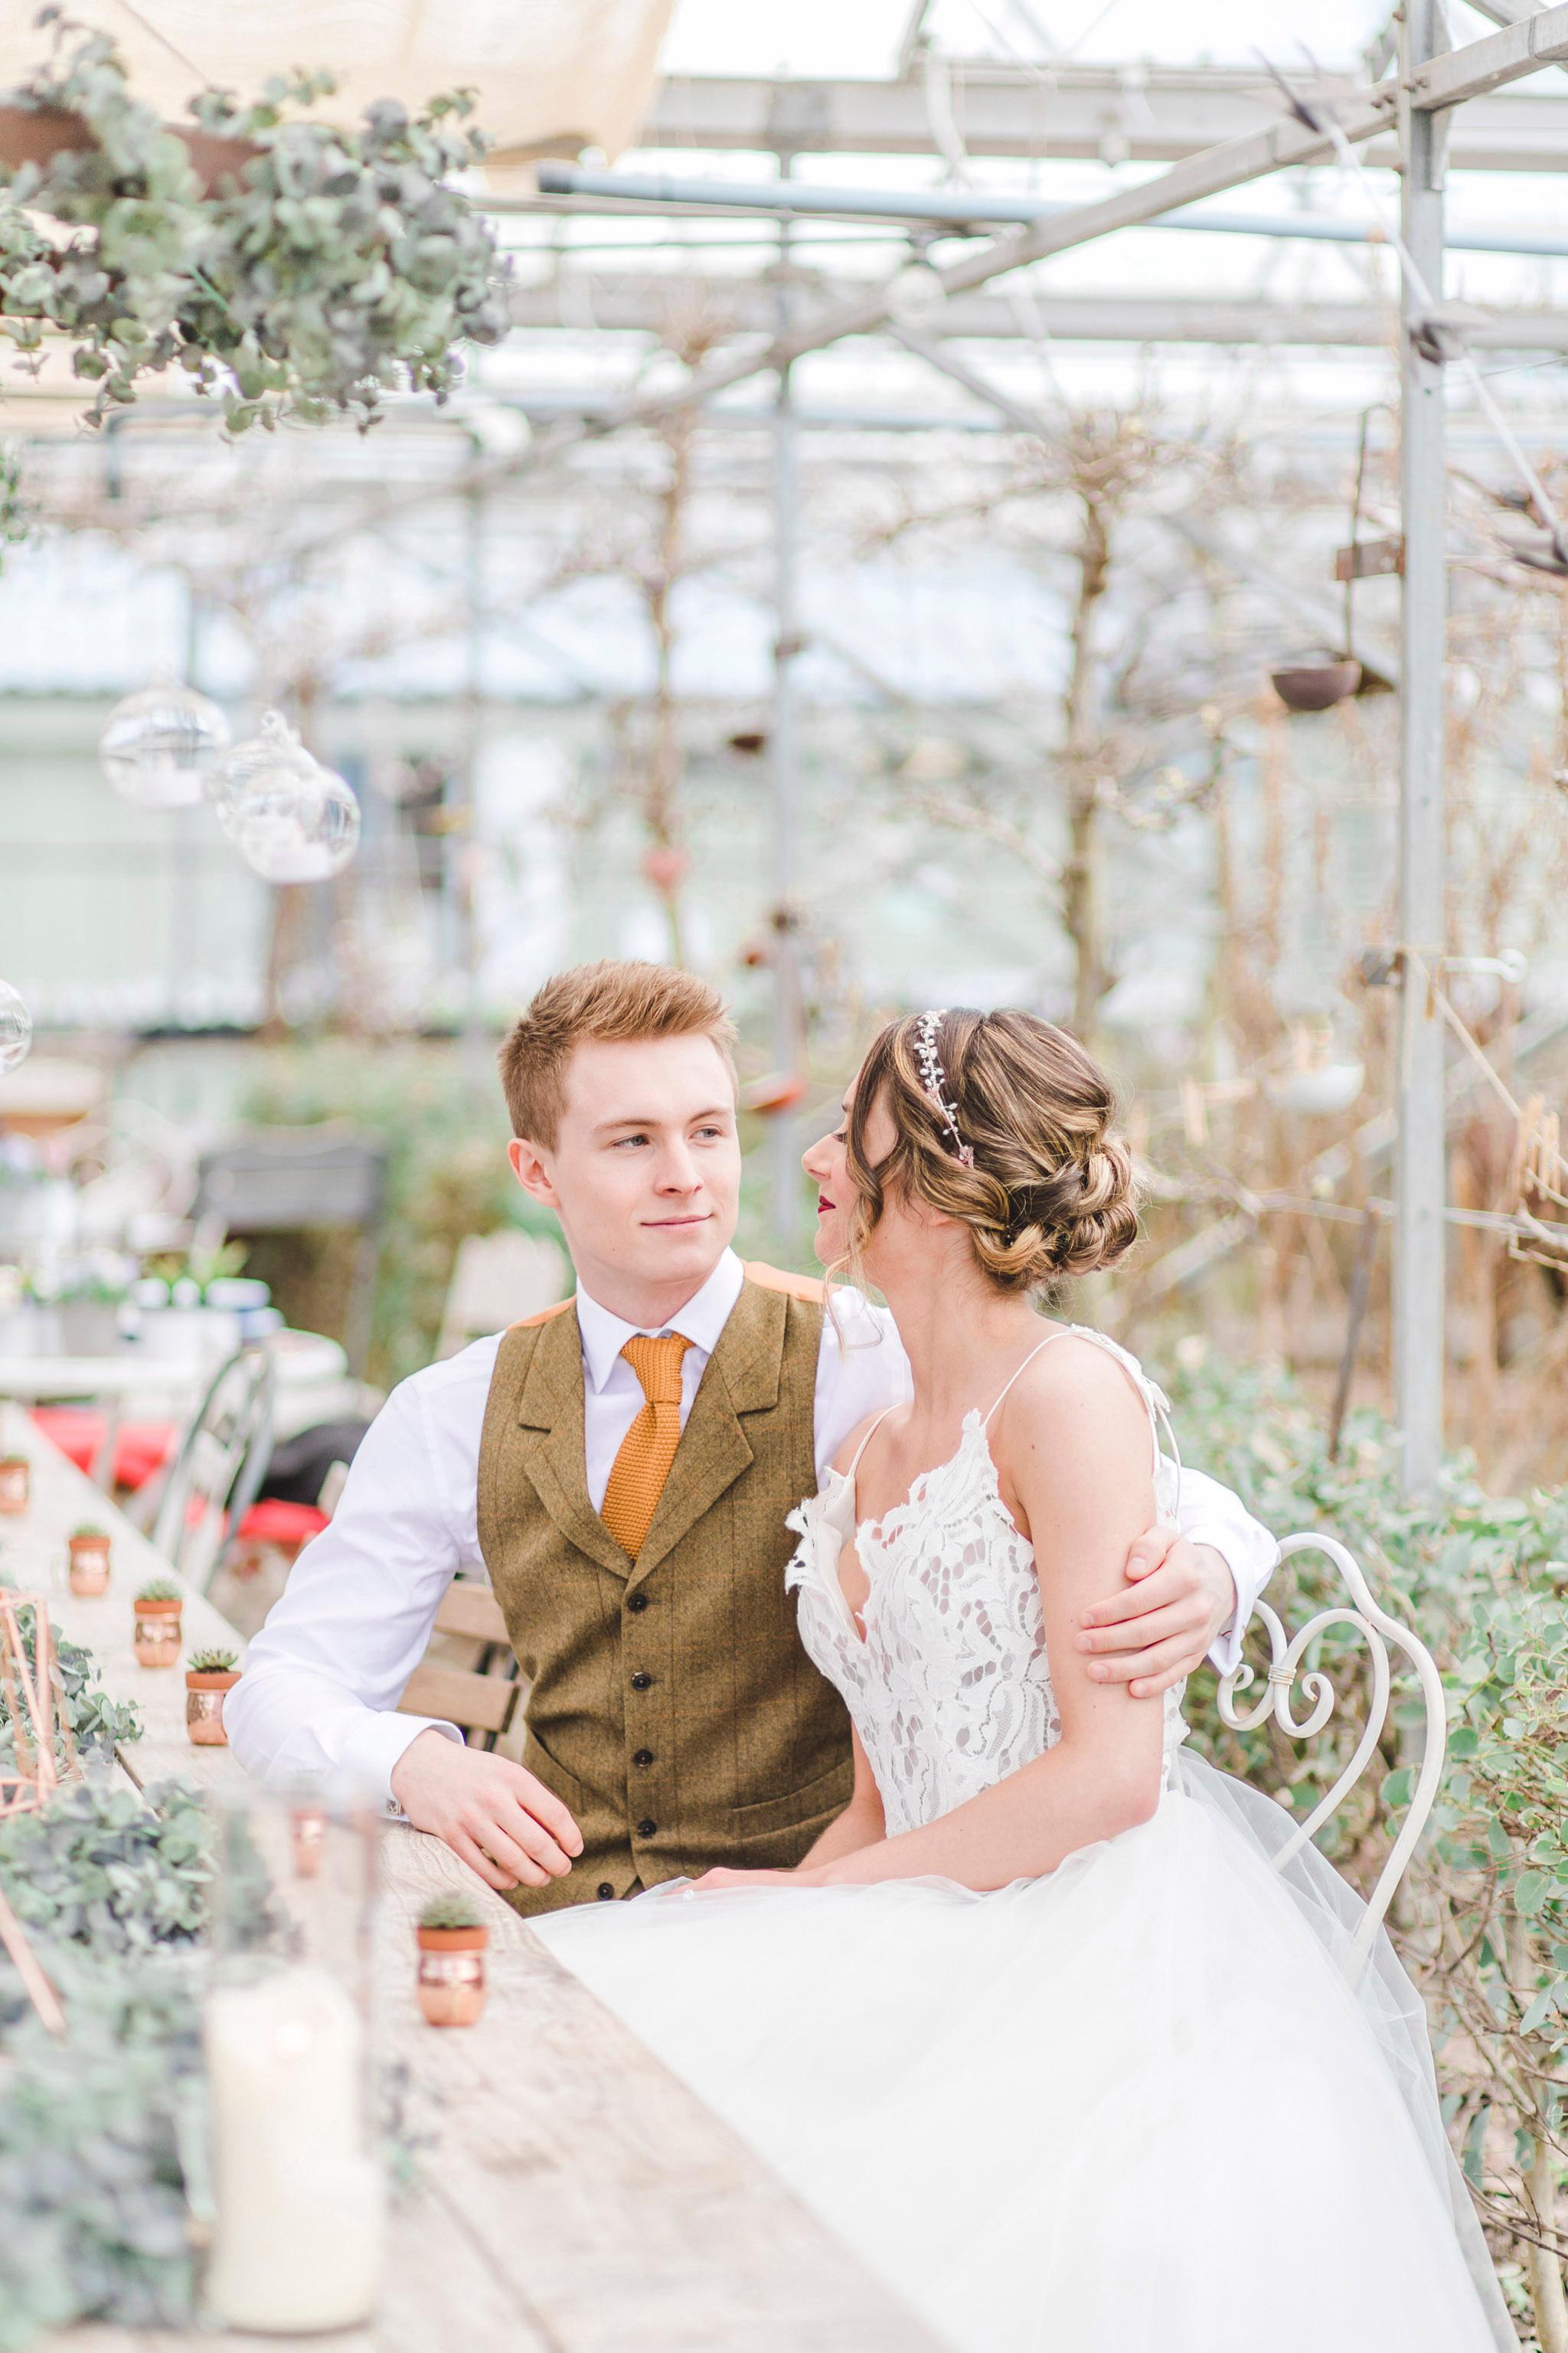 secret-herb-garden-wedding-photographer-edinburgh-31.jpg